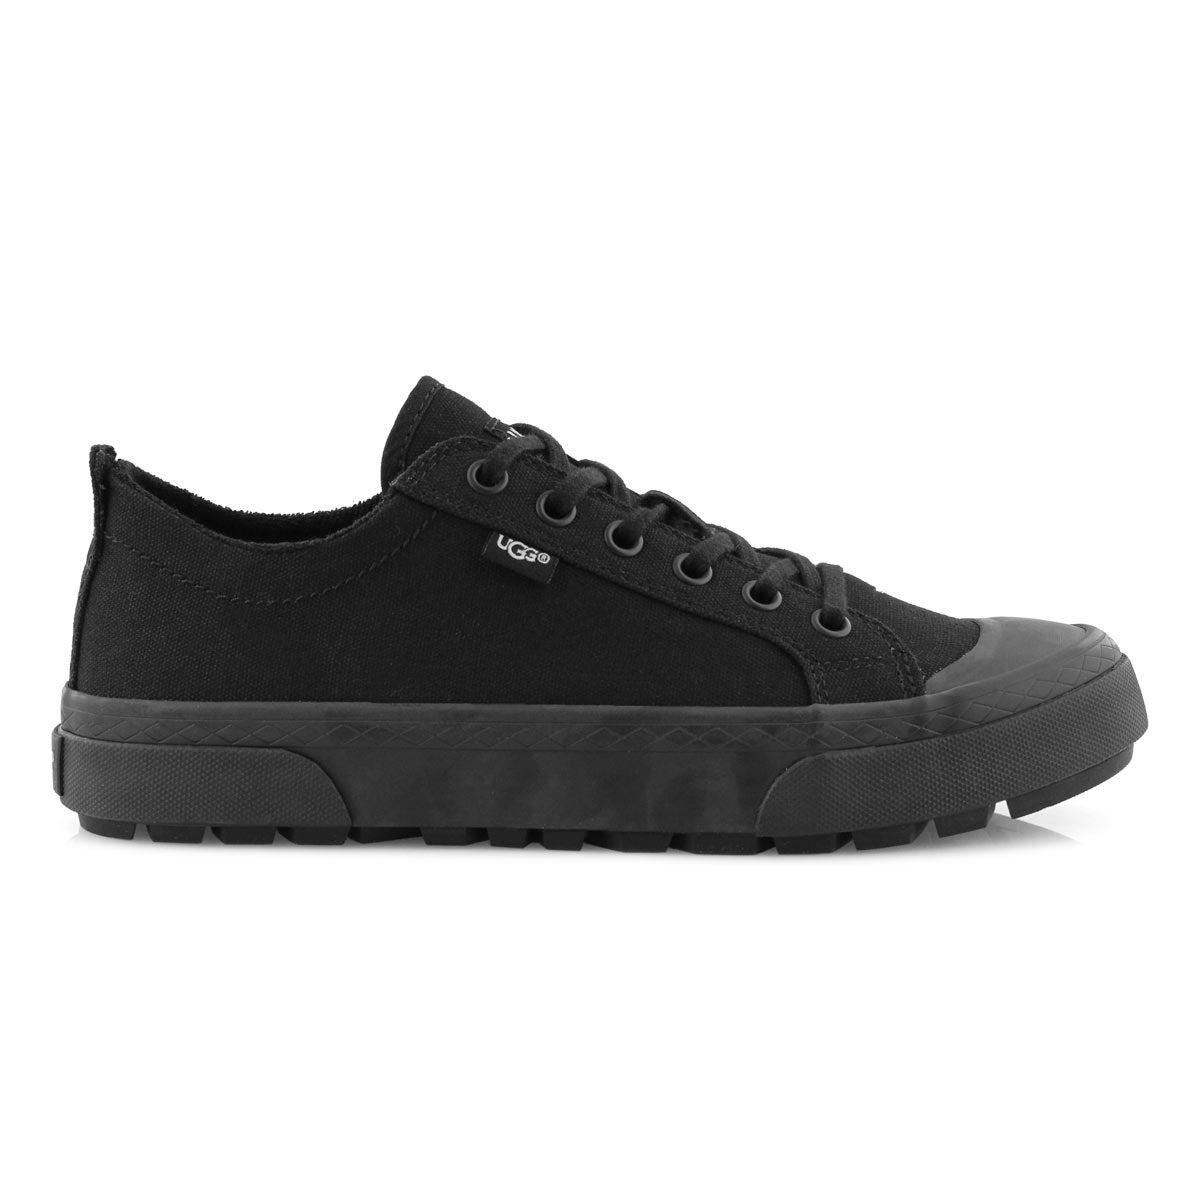 Lds Aries black casual sneaker